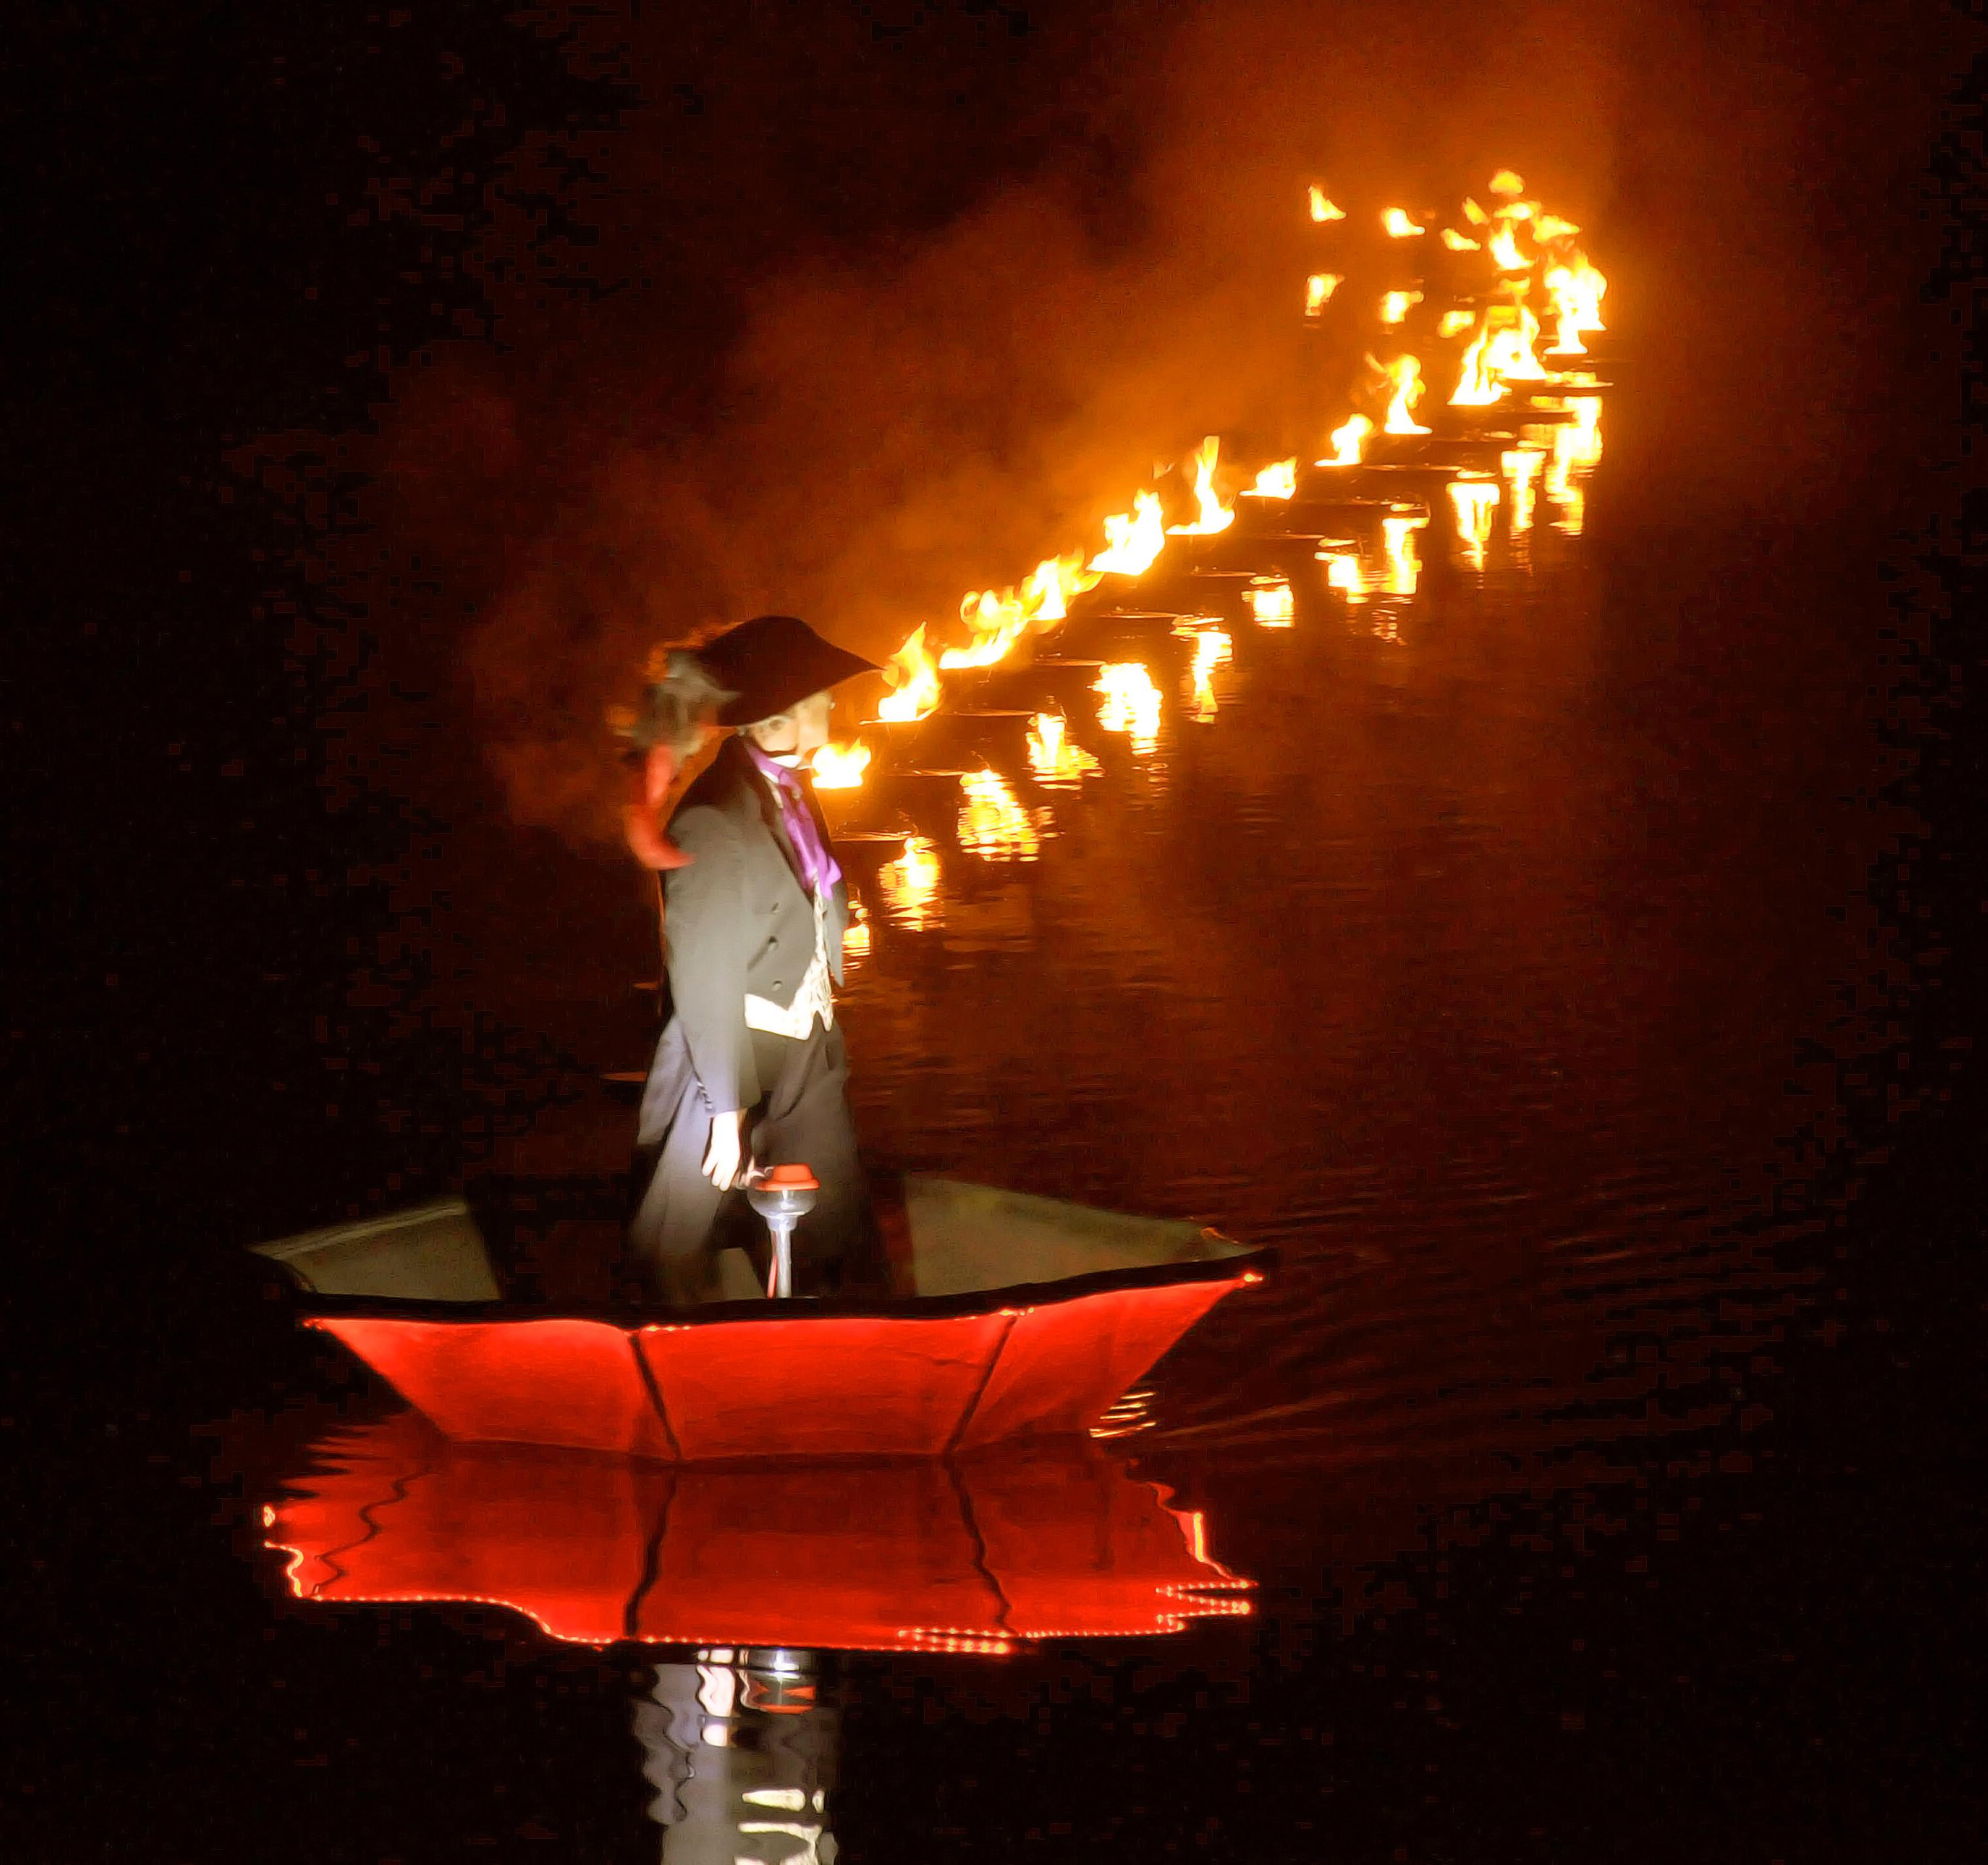 showflamme_fous_flottants_feu_fire_water_show_spectacle_aquatique_burner_5